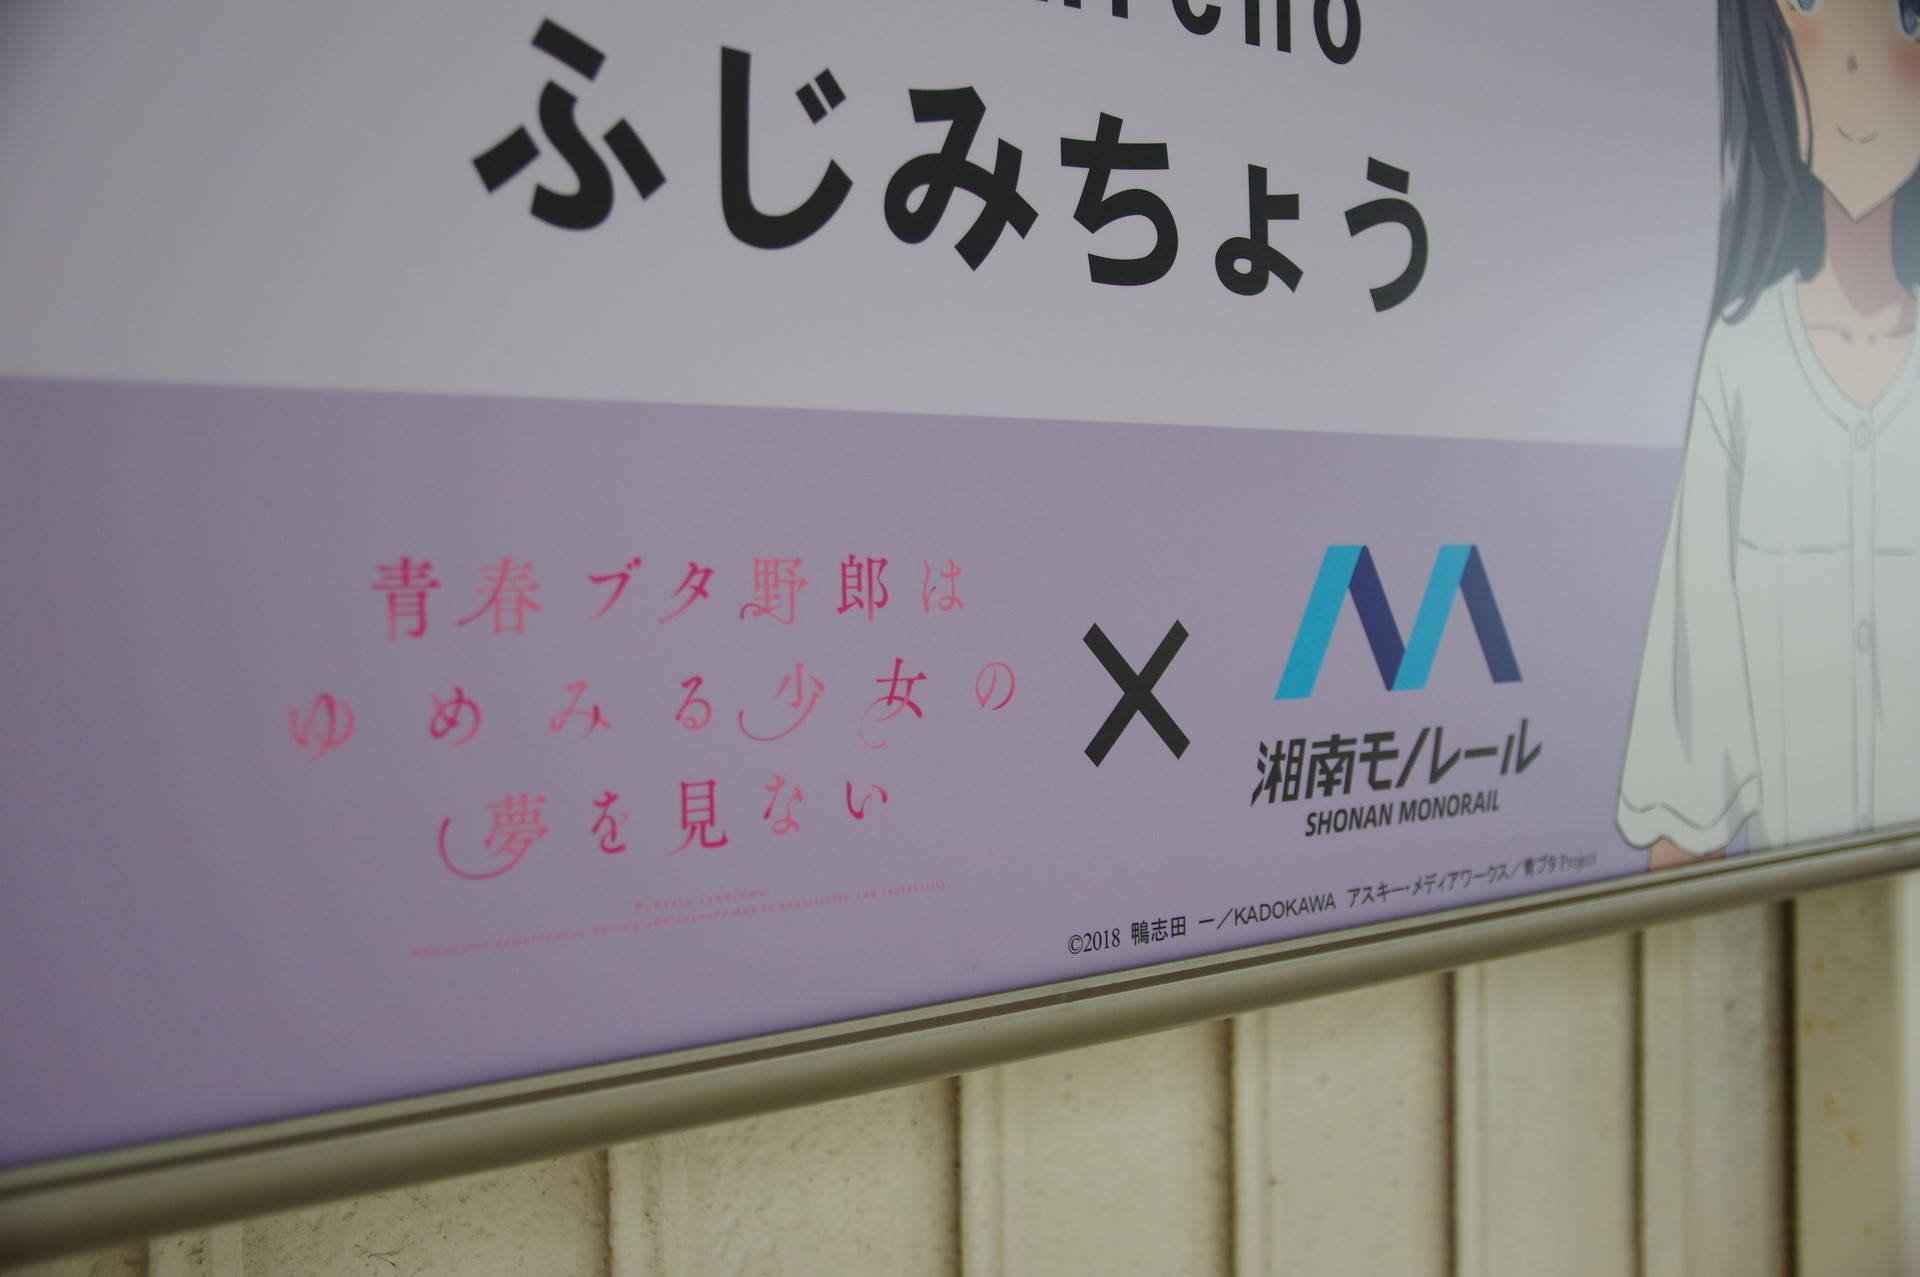 駅名標下部のロゴマーク部分拡大